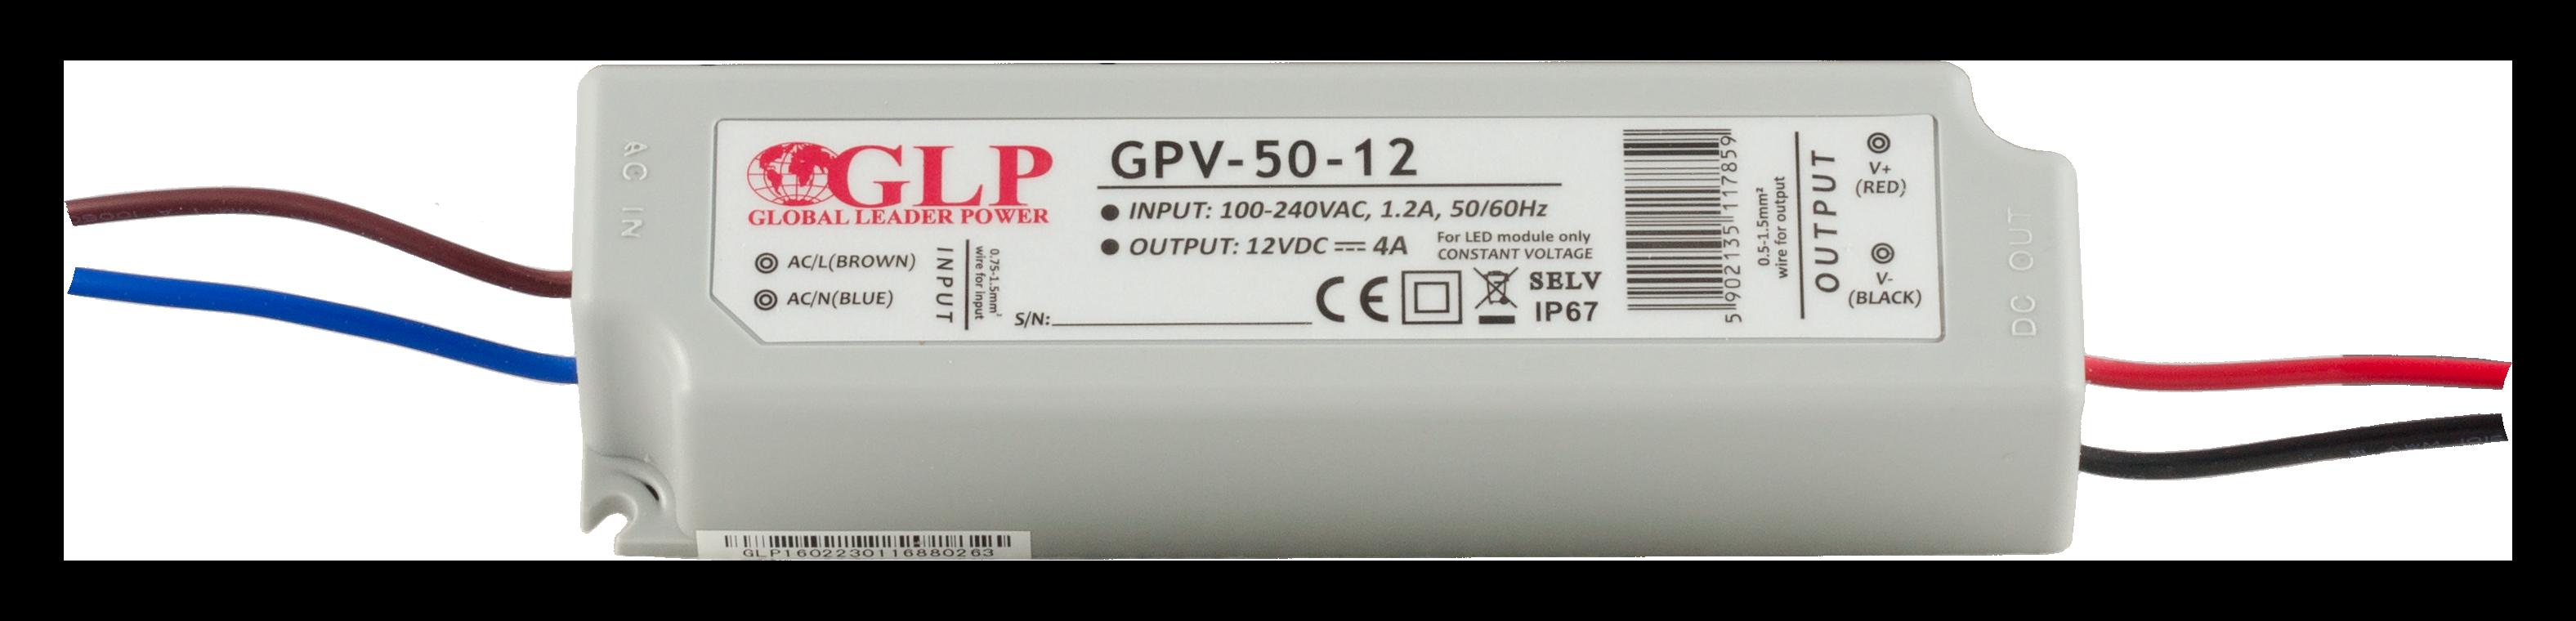 GPV-50-12